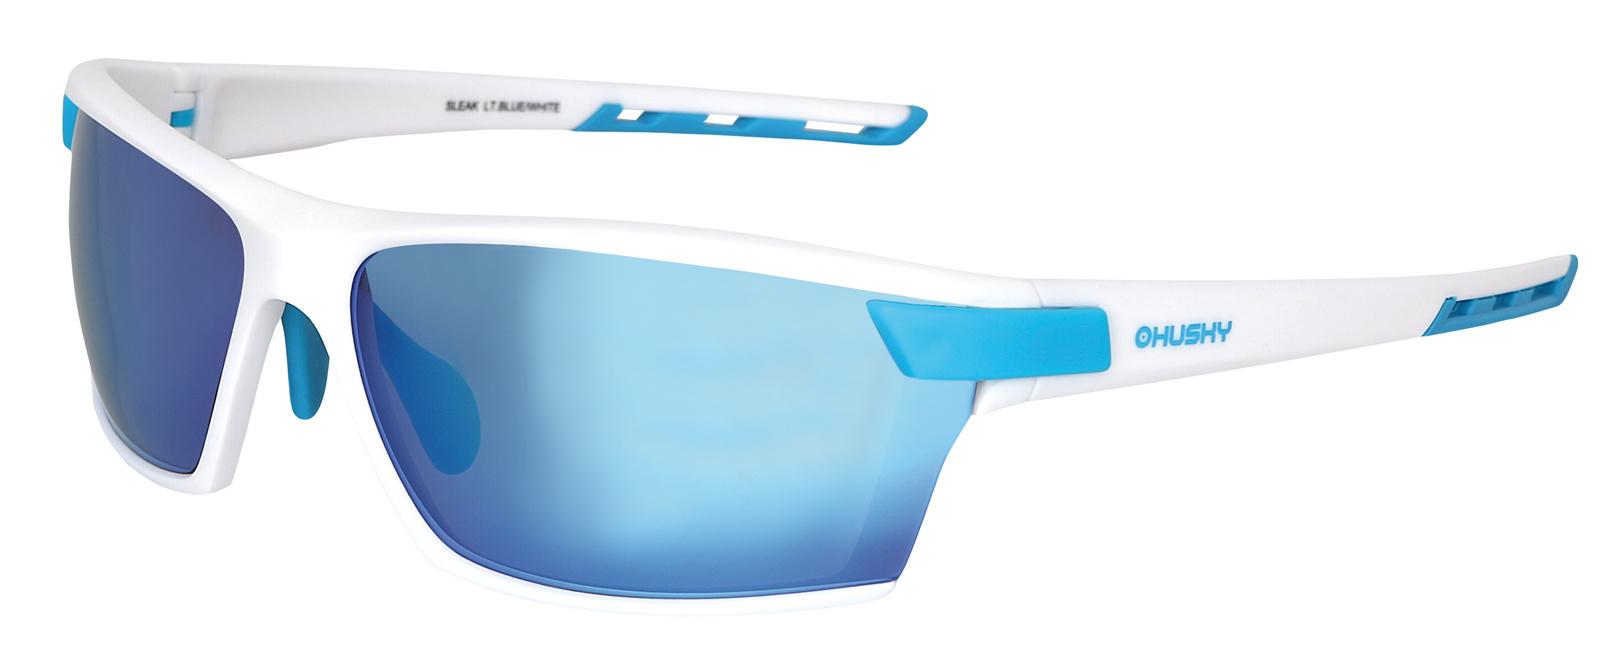 Husky Sportovní brýle Sleak sv. modrá/bílá